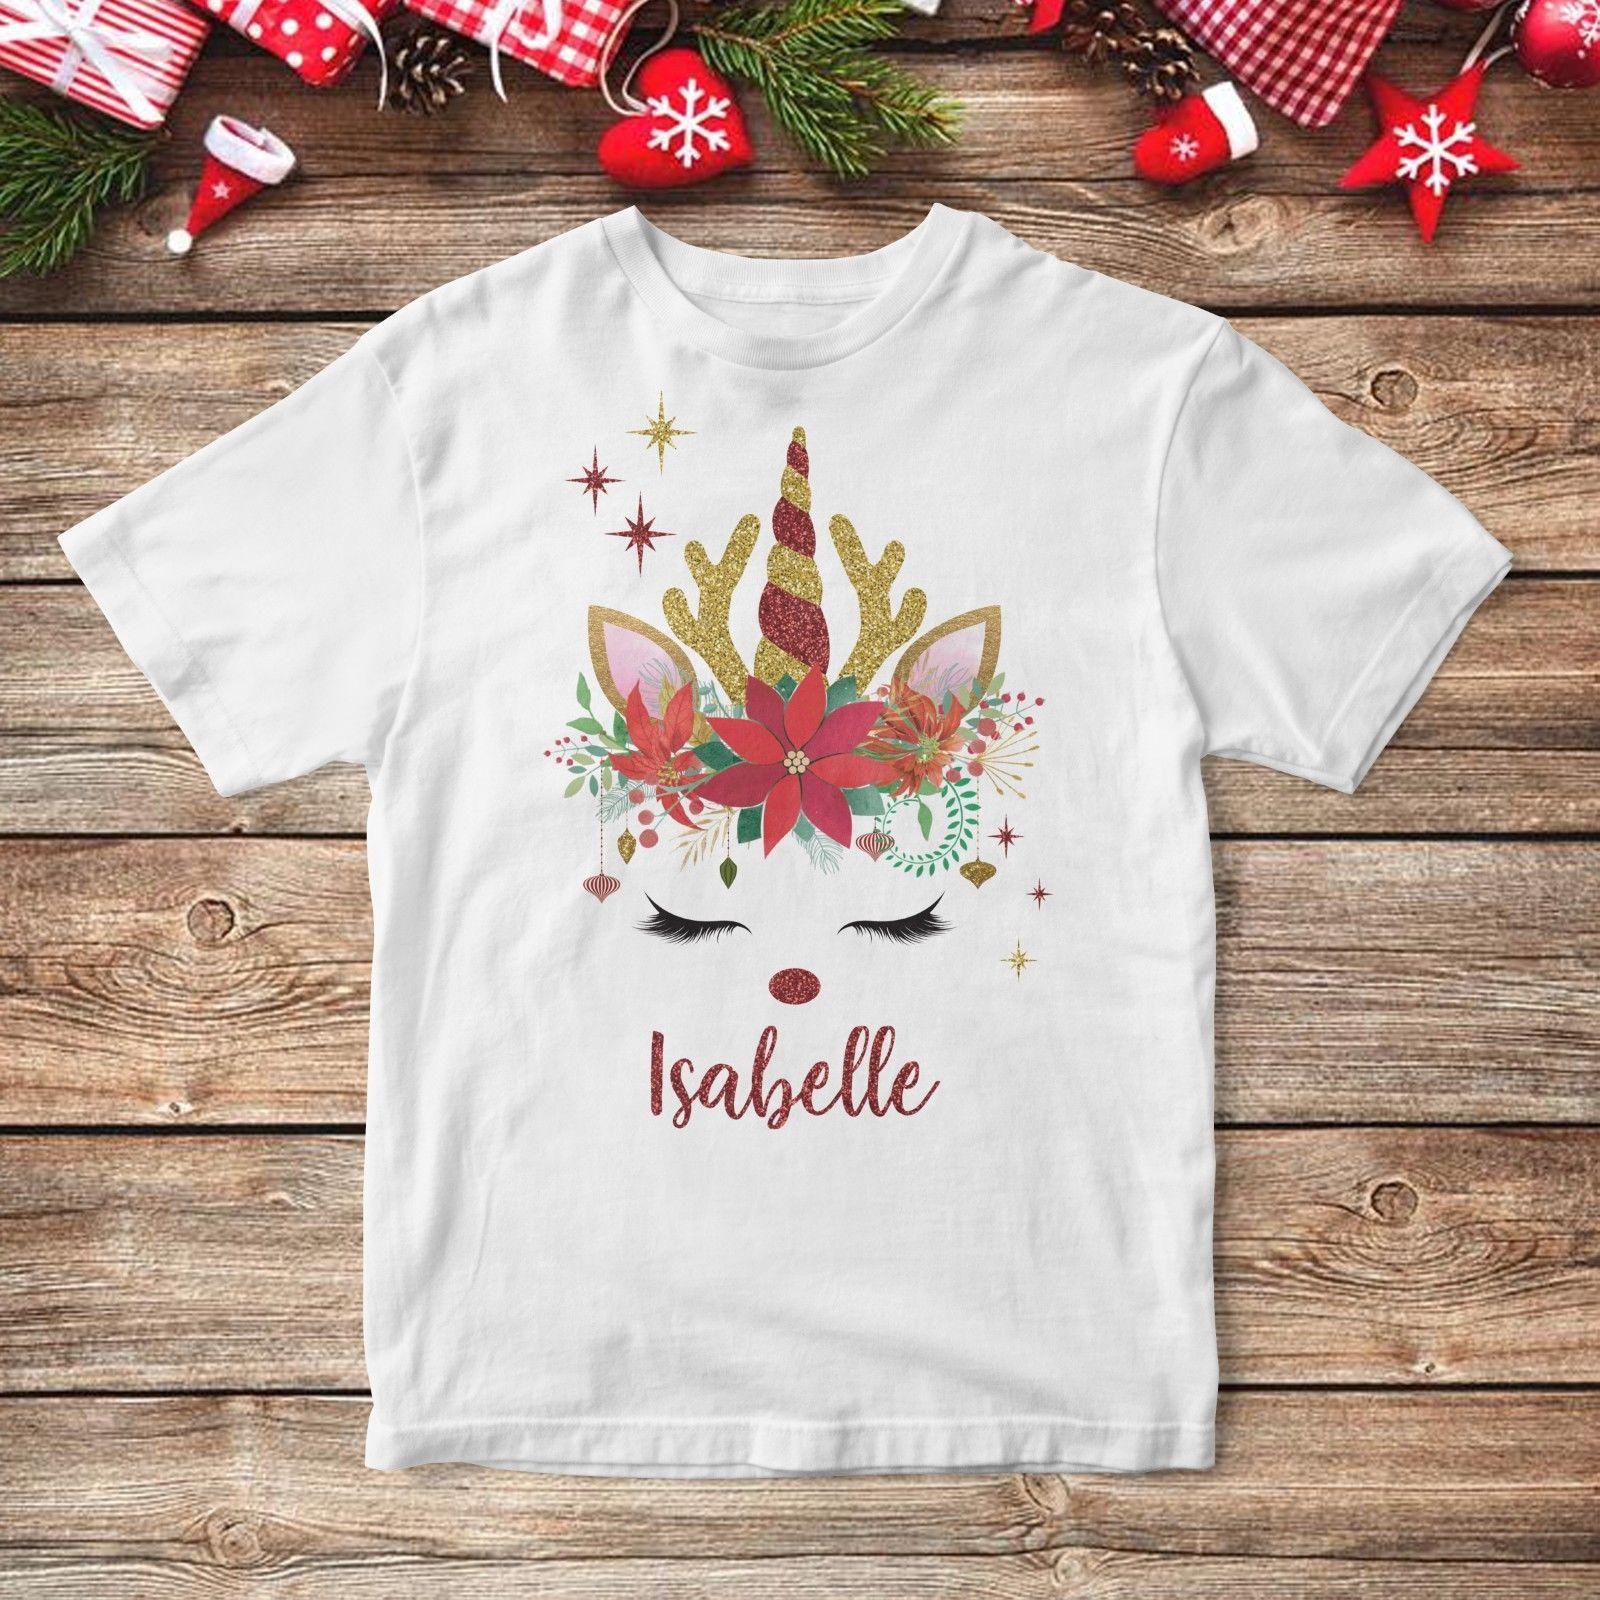 6eb012355 Compre Camiseta Personalizada De La Navidad Del Reno Del Unicornio Del  Brillo Regalo Secreto Lindo De Papá Noel A $11.48 Del Summernight88 |  DHgate.Com